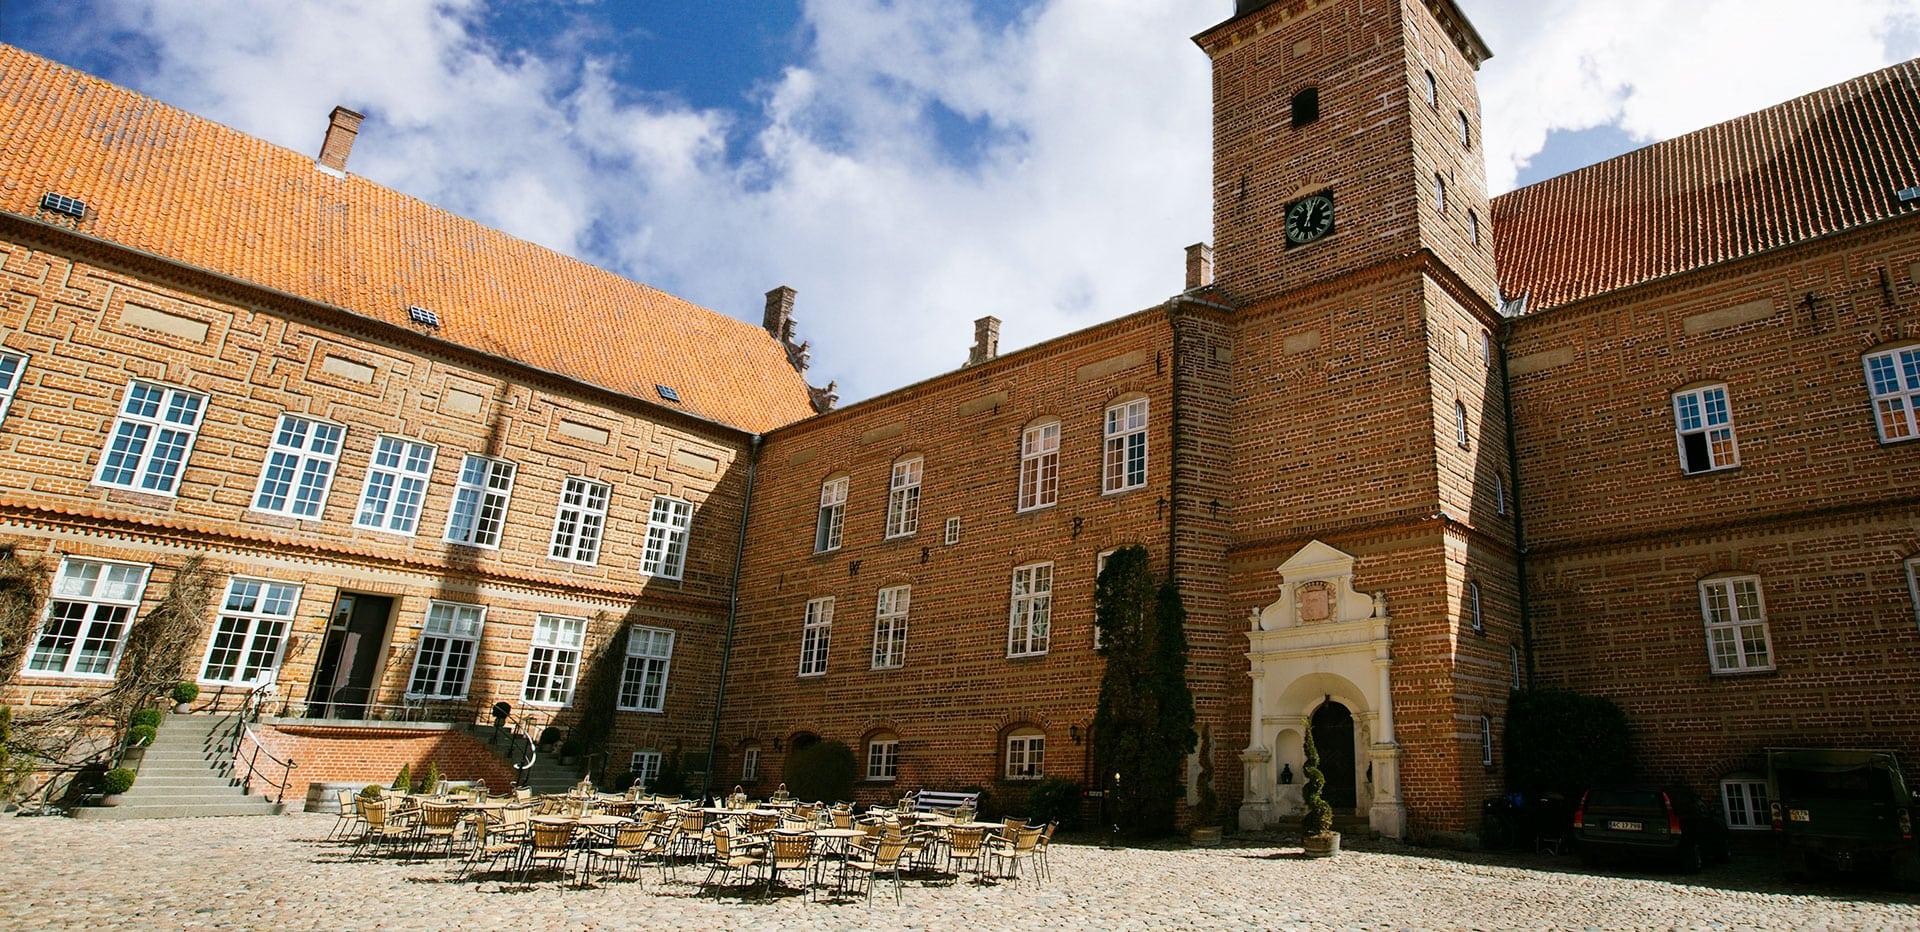 konference og moedelokaler paa Holckenhavn Slot